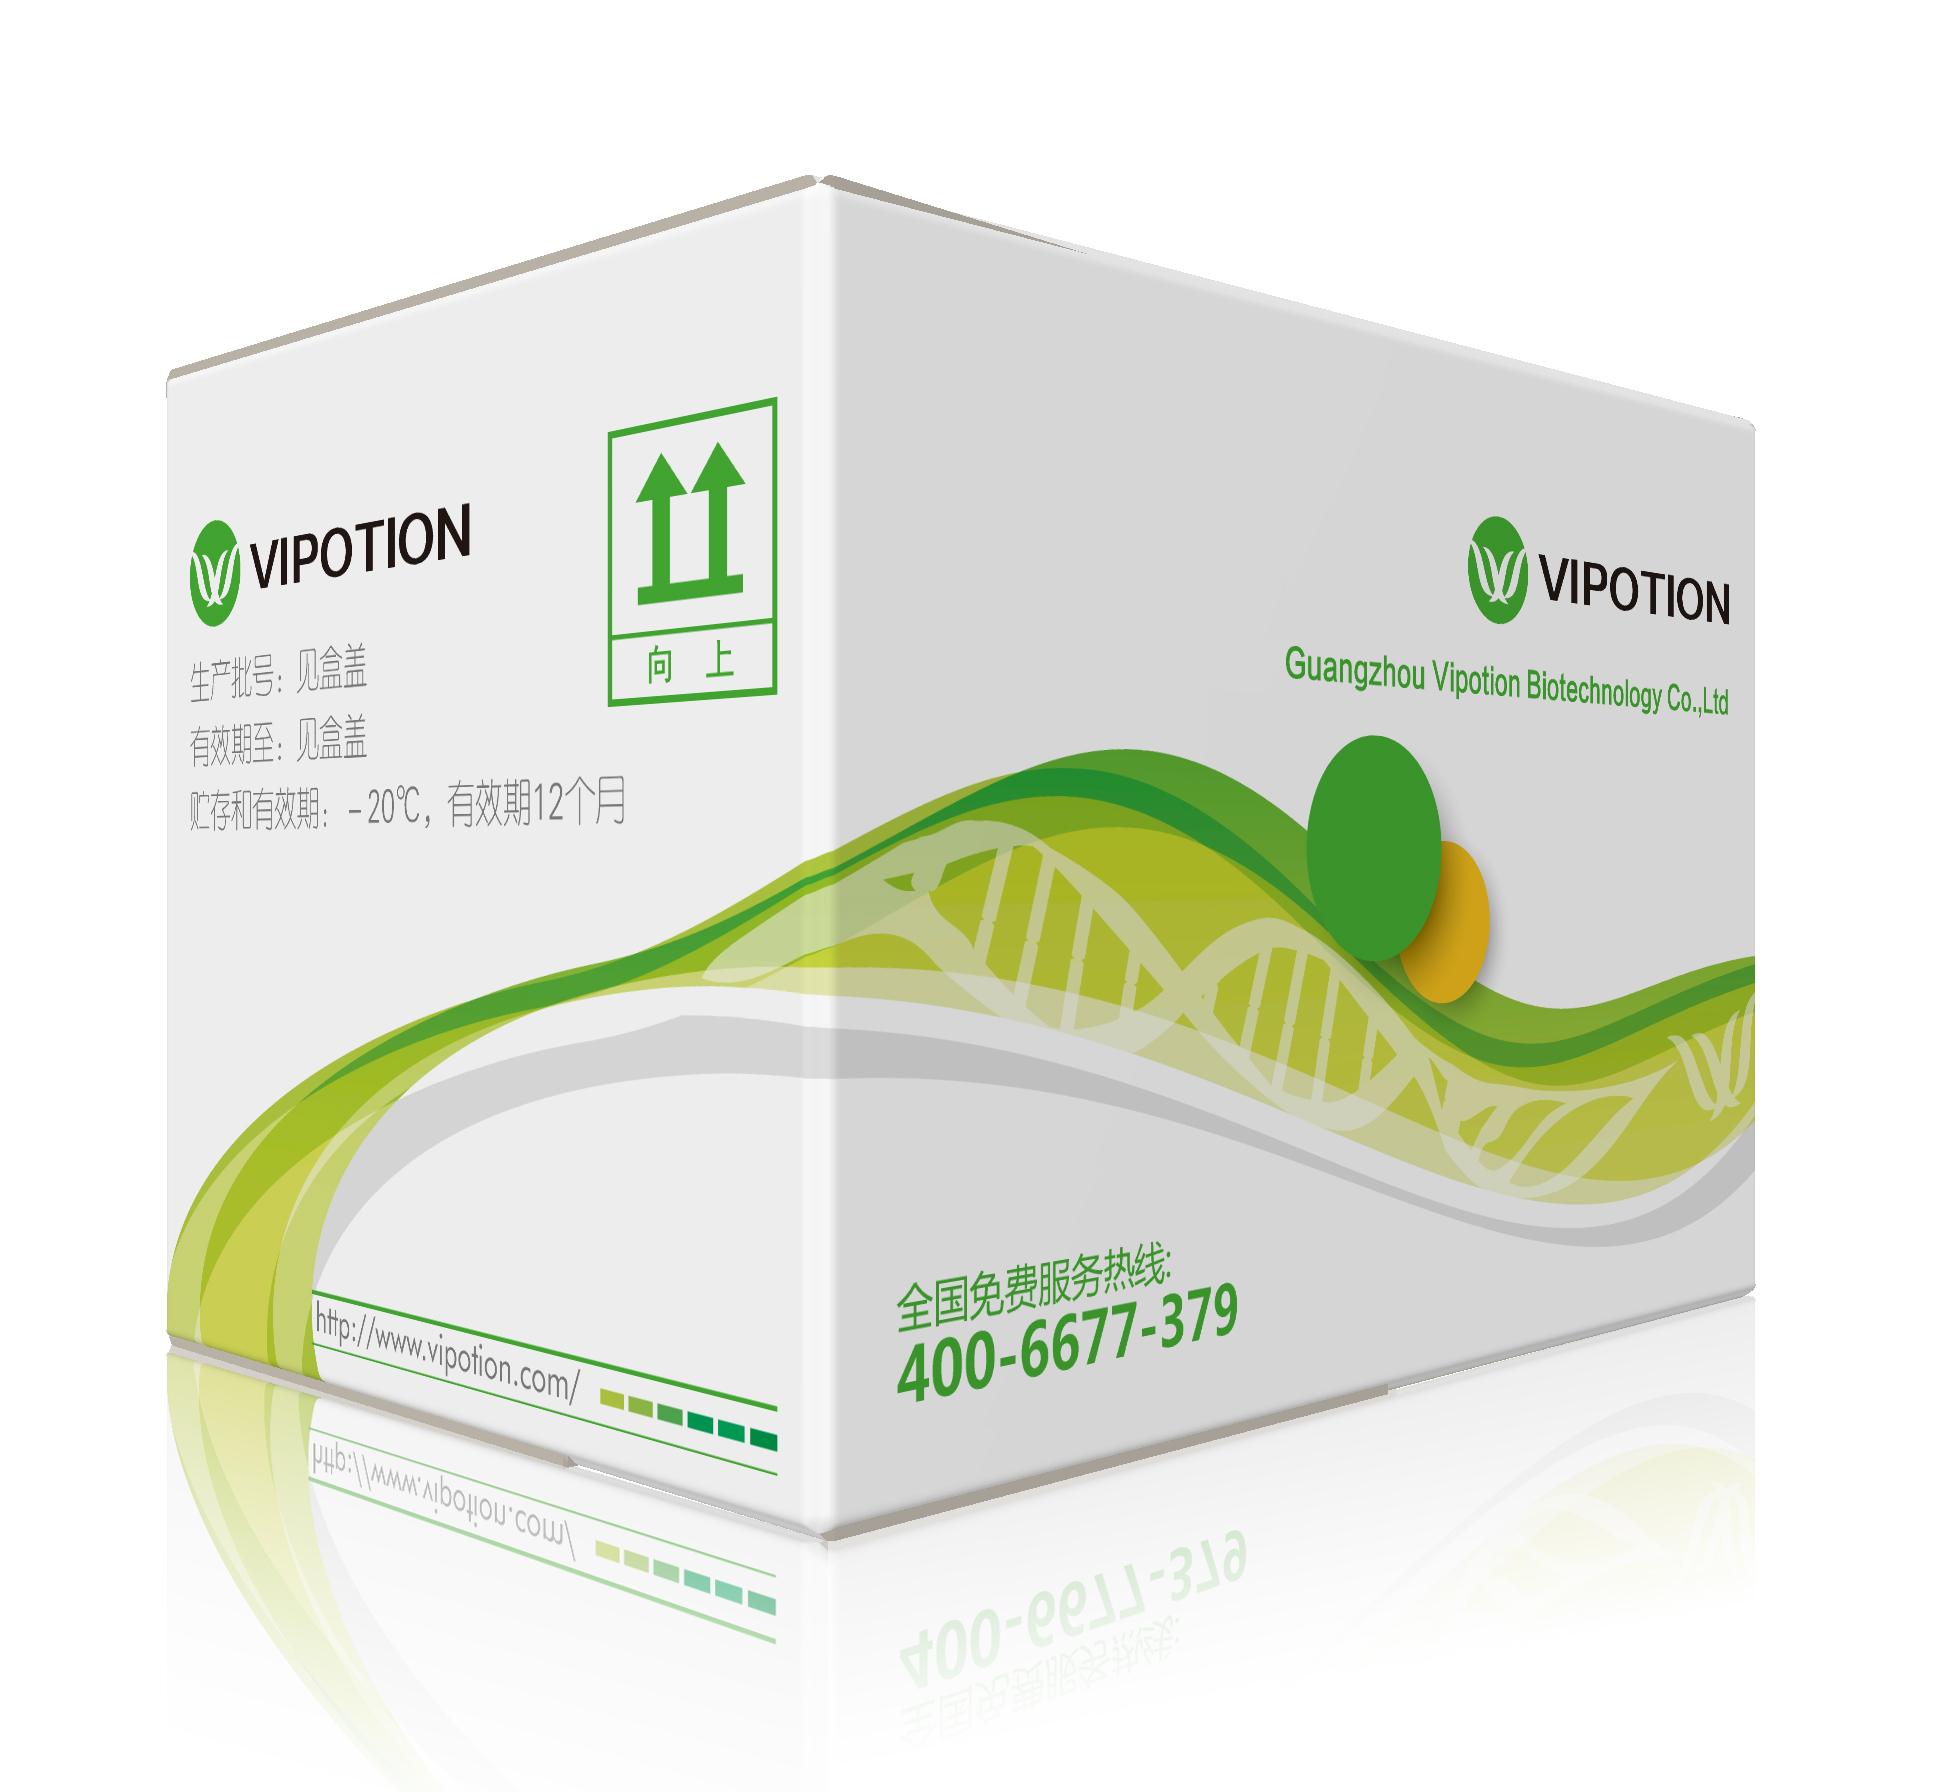 犬瘟热病毒(CDV)核酸检测试剂盒(荧光-PCR法)